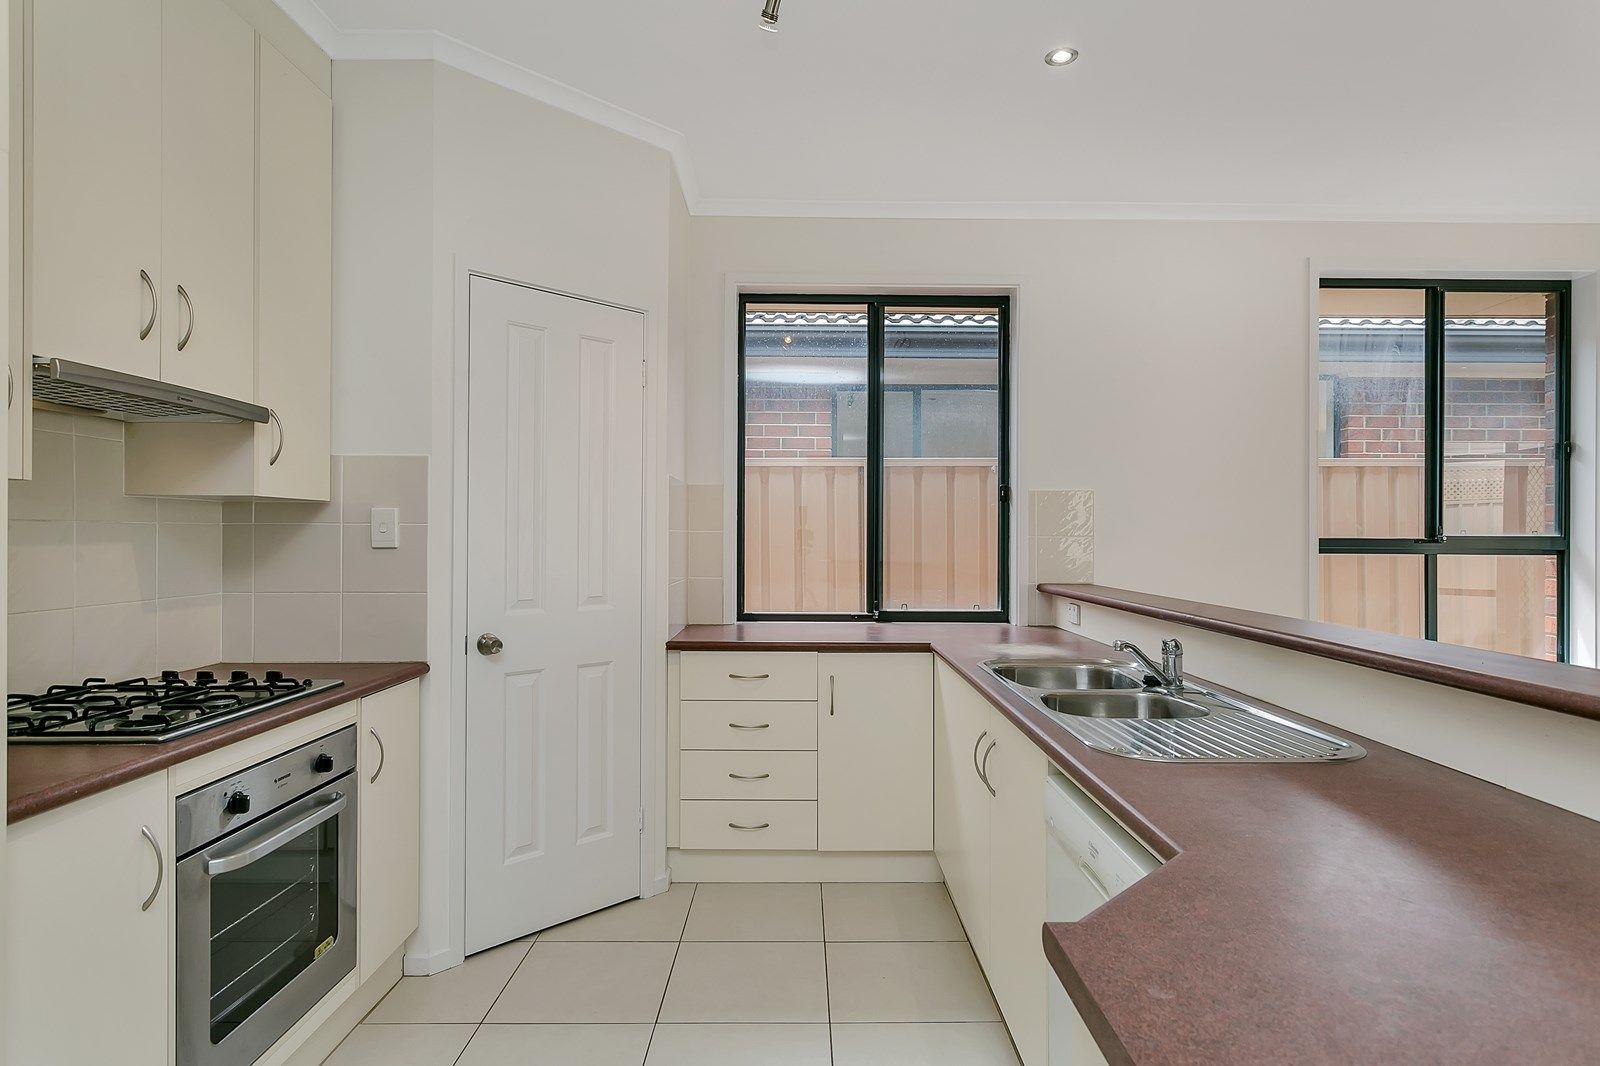 1B Wemyss Street, Campbelltown SA 5074, Image 2